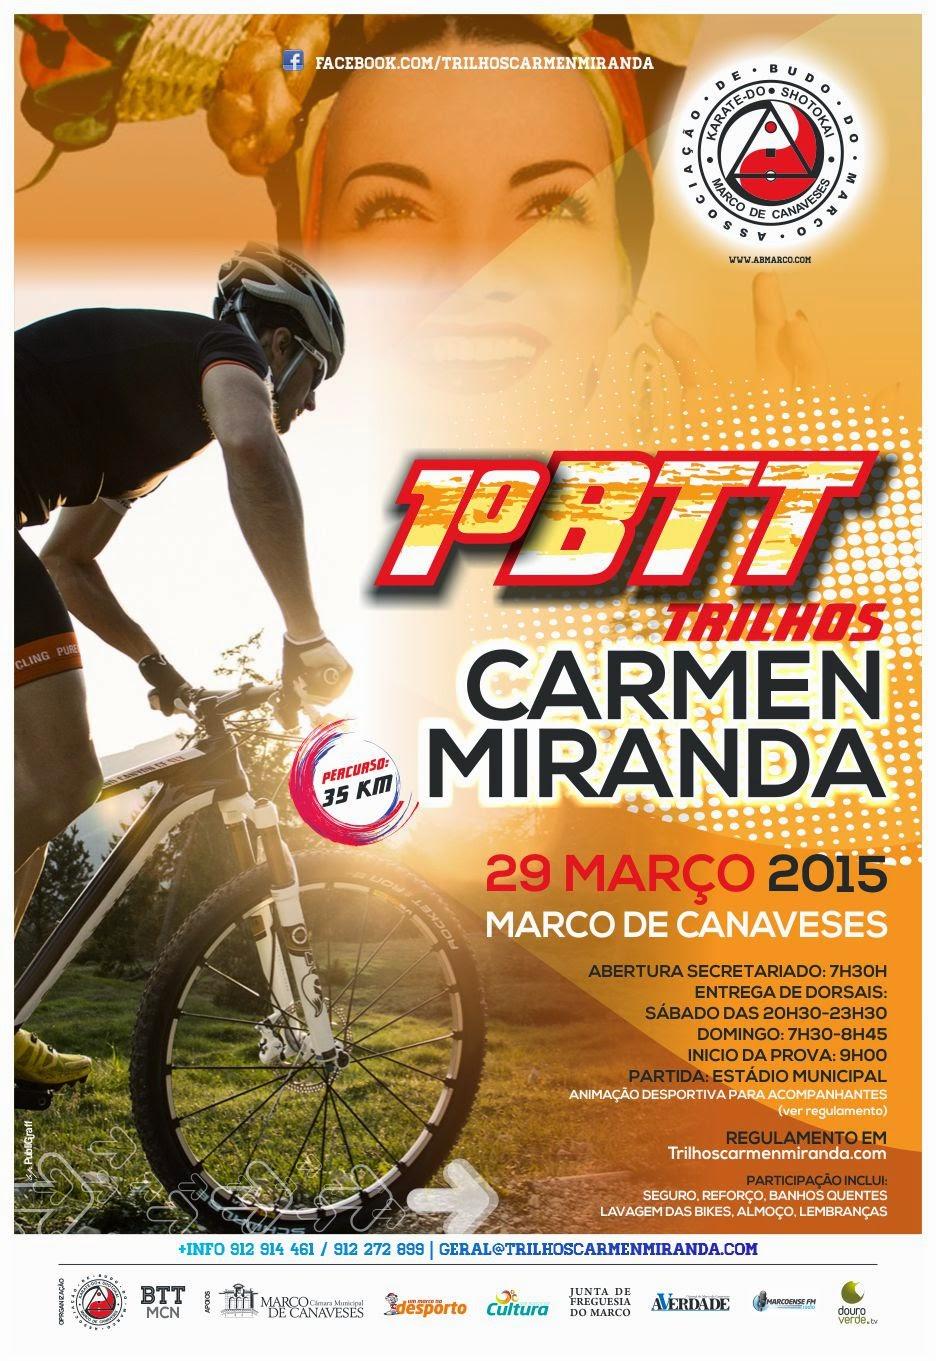 29MAR * MARCO DE CANAVESES